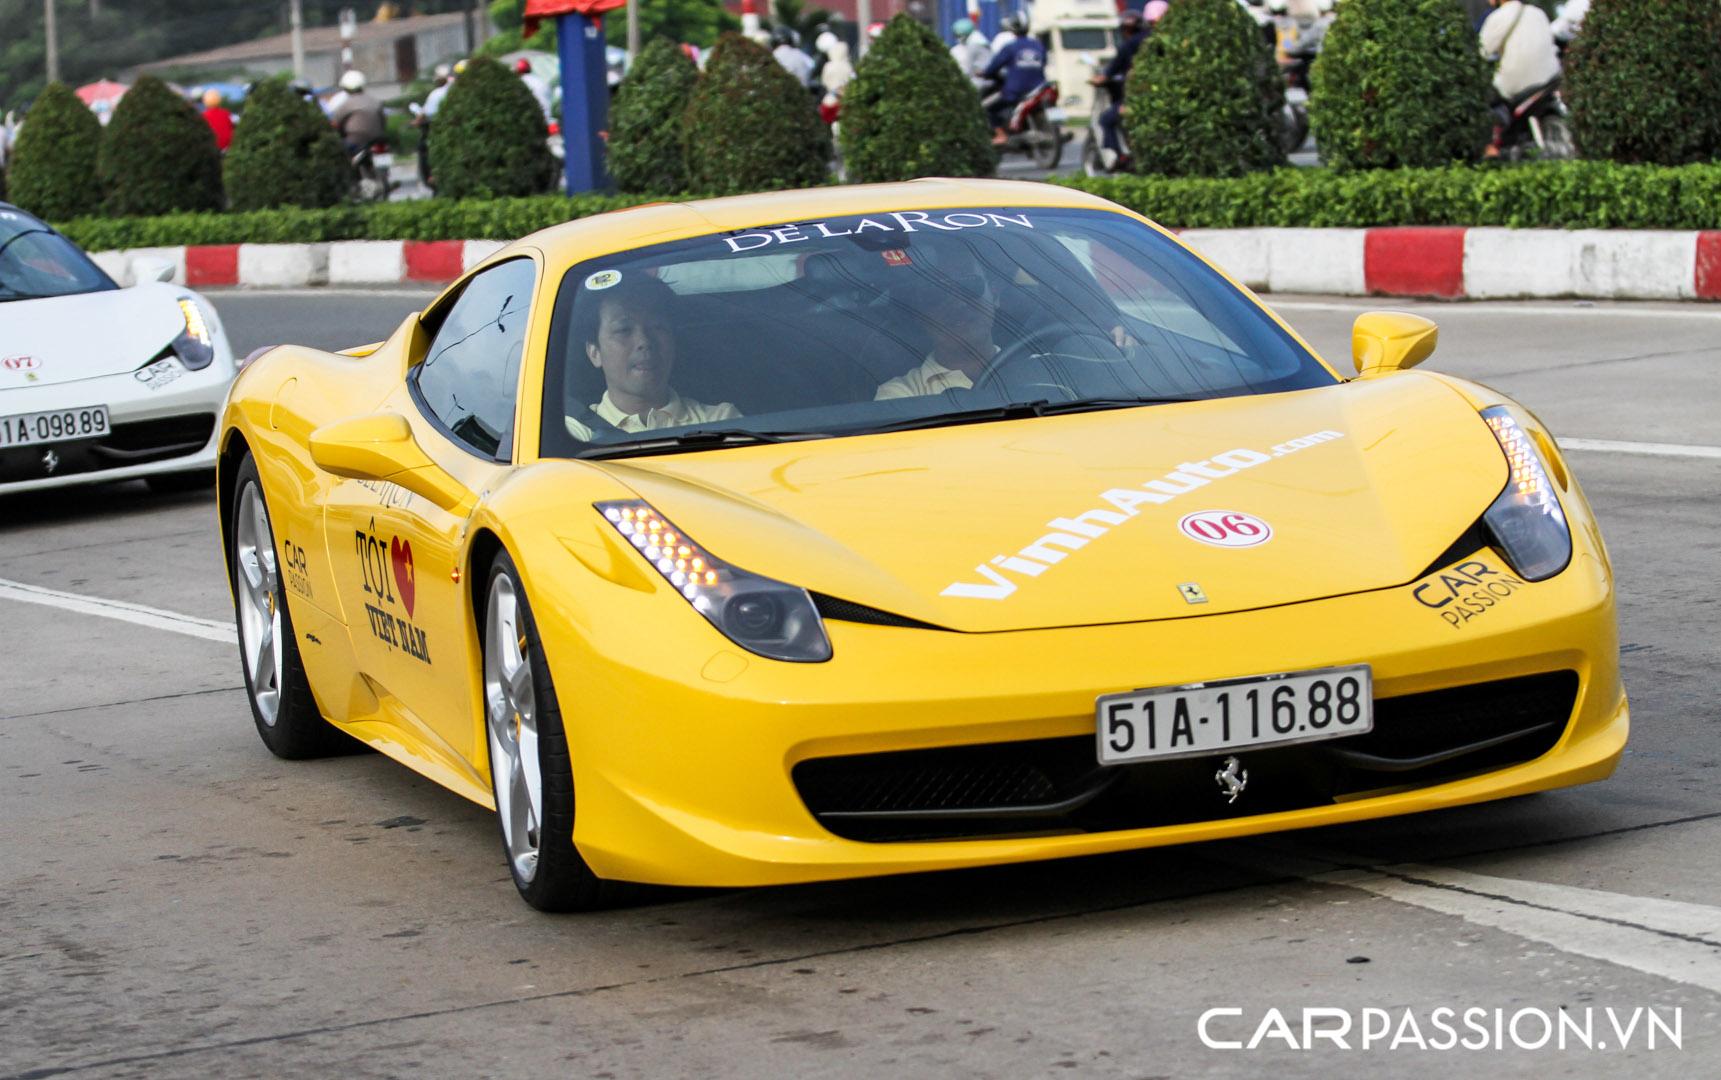 CP-Hành trình siêu xe CarPassion 2011 (81).jpg